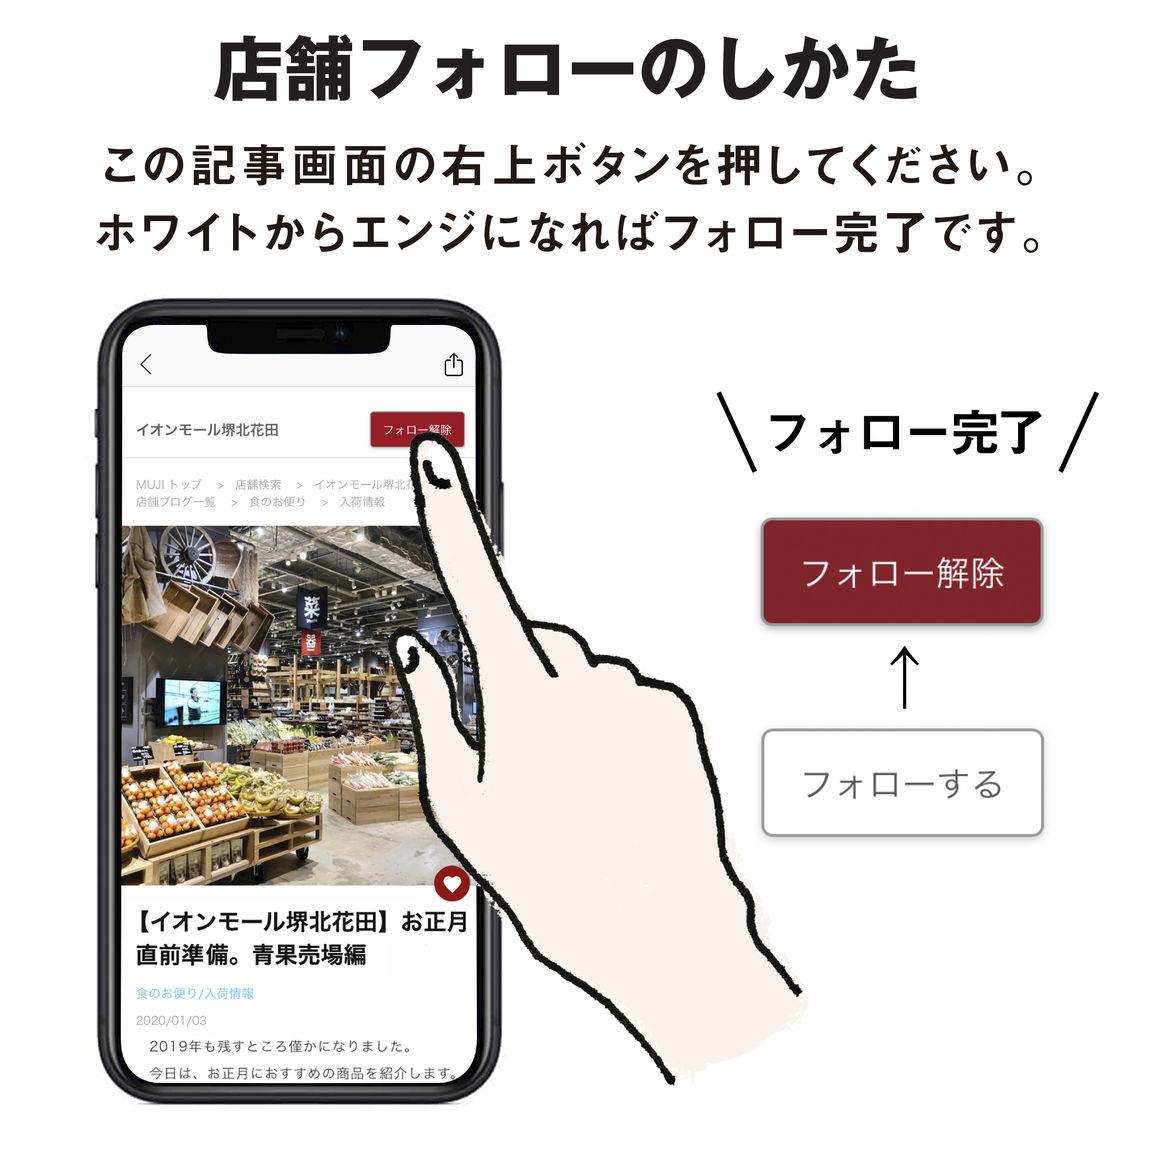 【イオンモール堺北花田】ふわっ、しゅわっ、幸せの味。|お知らせ